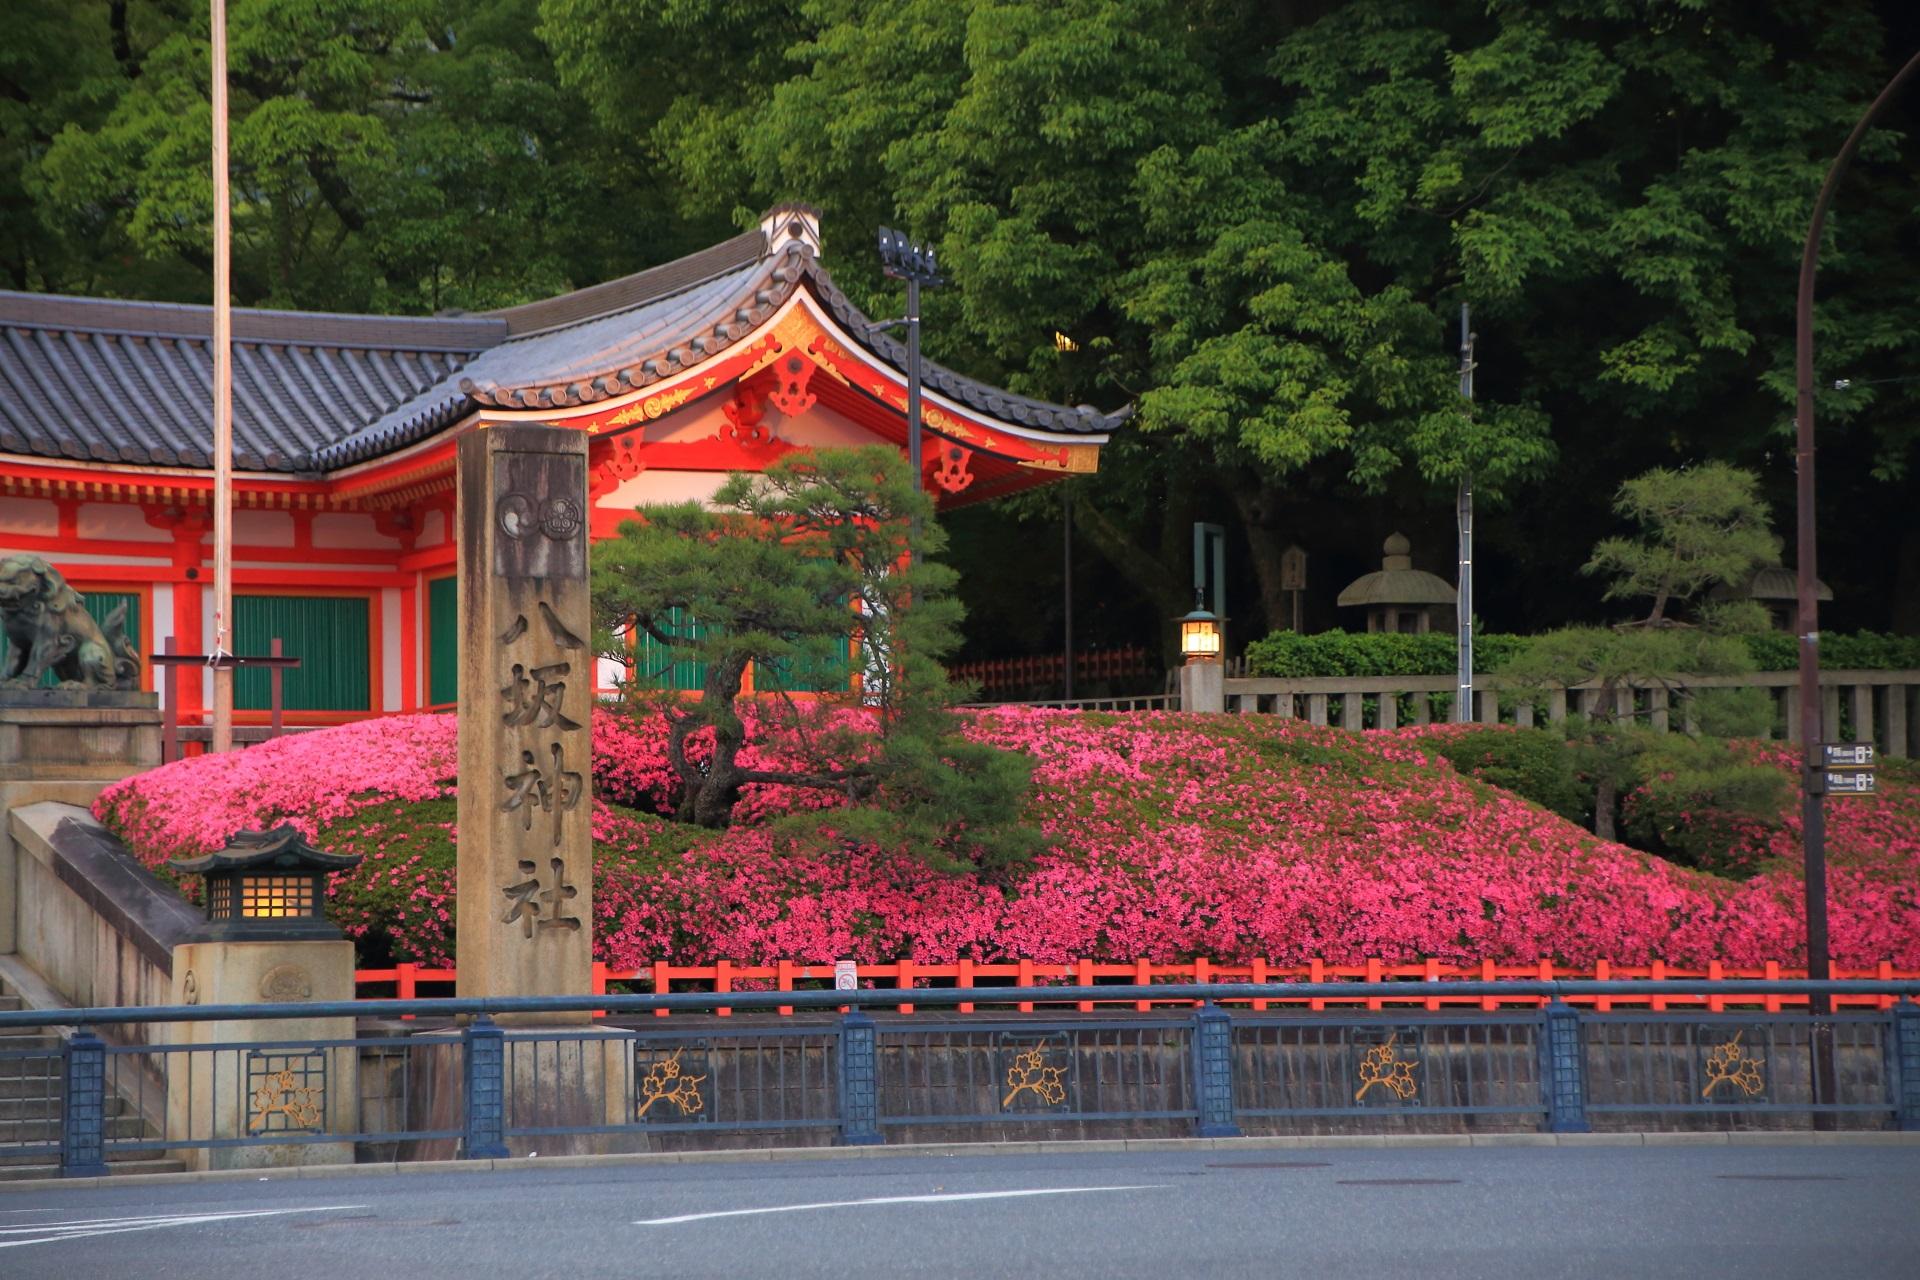 一面サツキに彩られる八坂神社の西楼門の南側